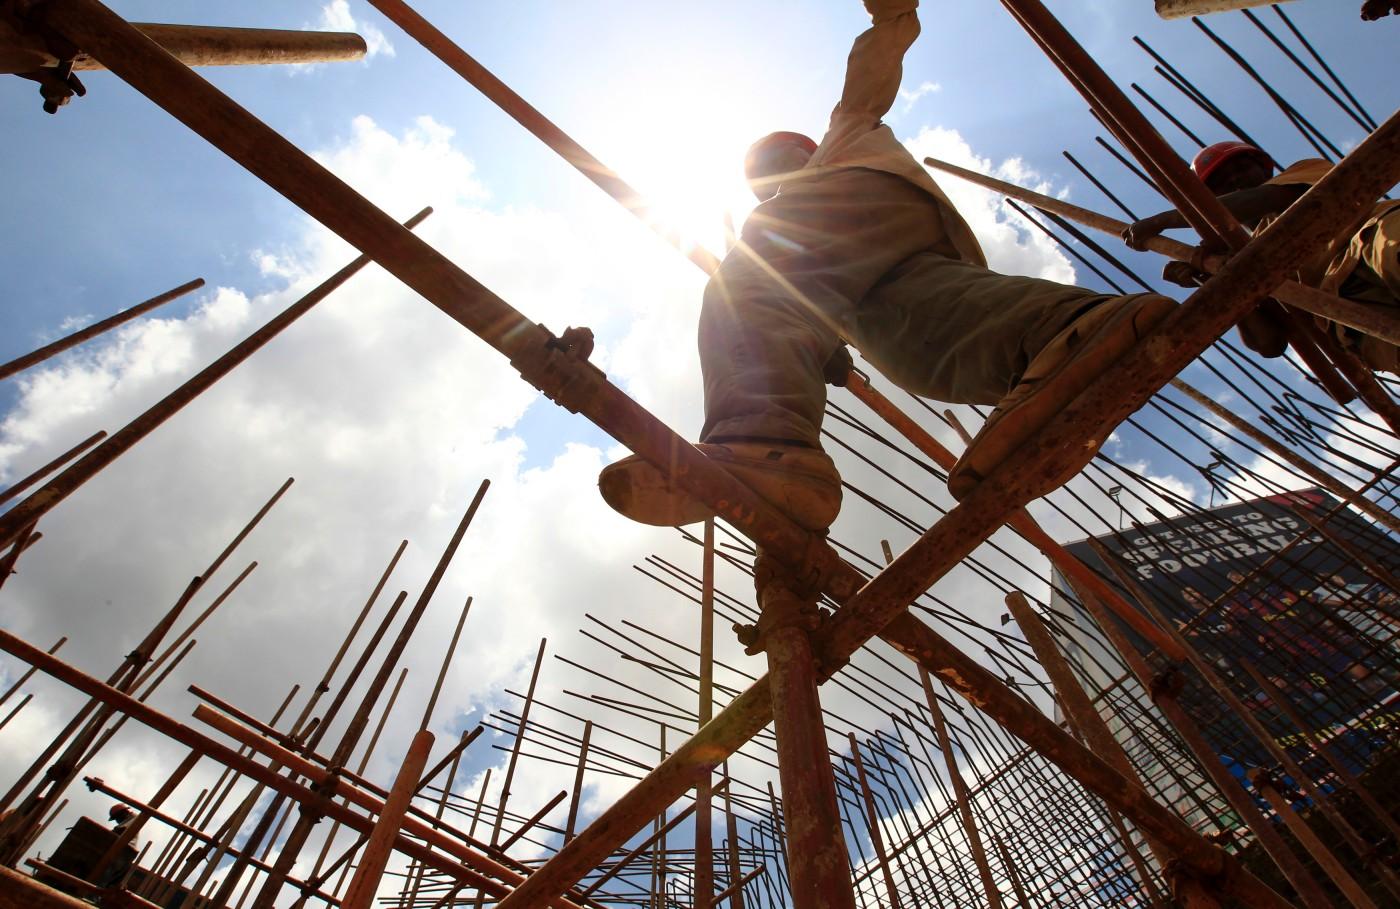 Salah satu hal yang membuat pengusaha yang baik adalah kemampuan untuk secara akurat memahami dan mengelola risiko.